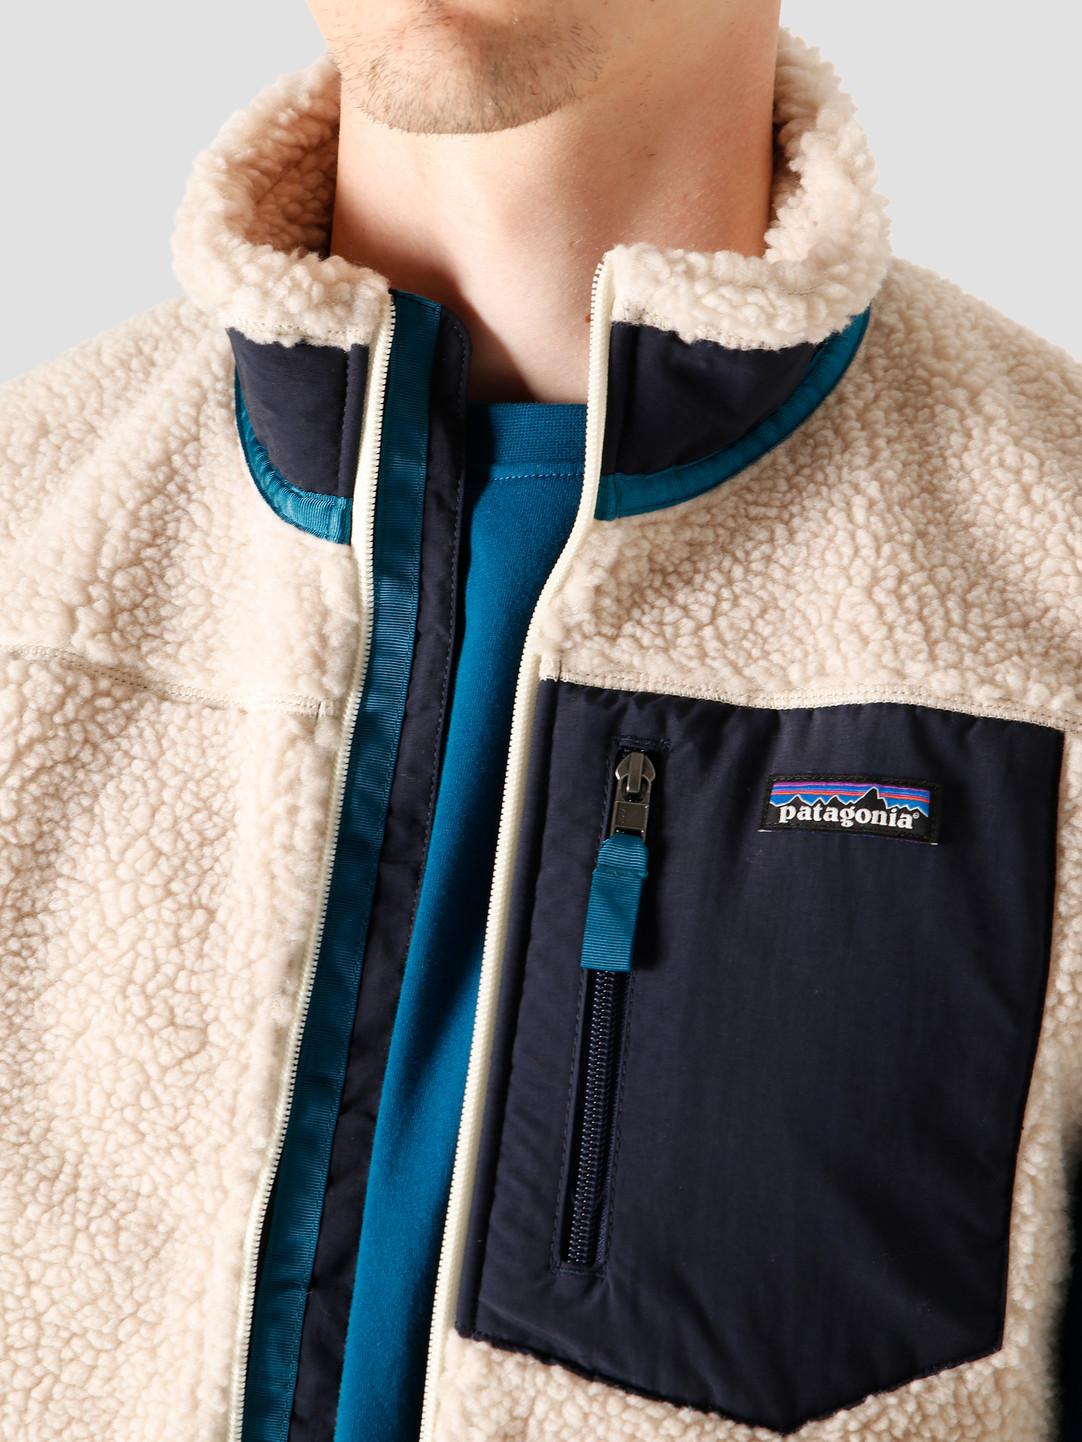 Patagonia Patagonia M's Classic Retro-X Vest Natural 23048